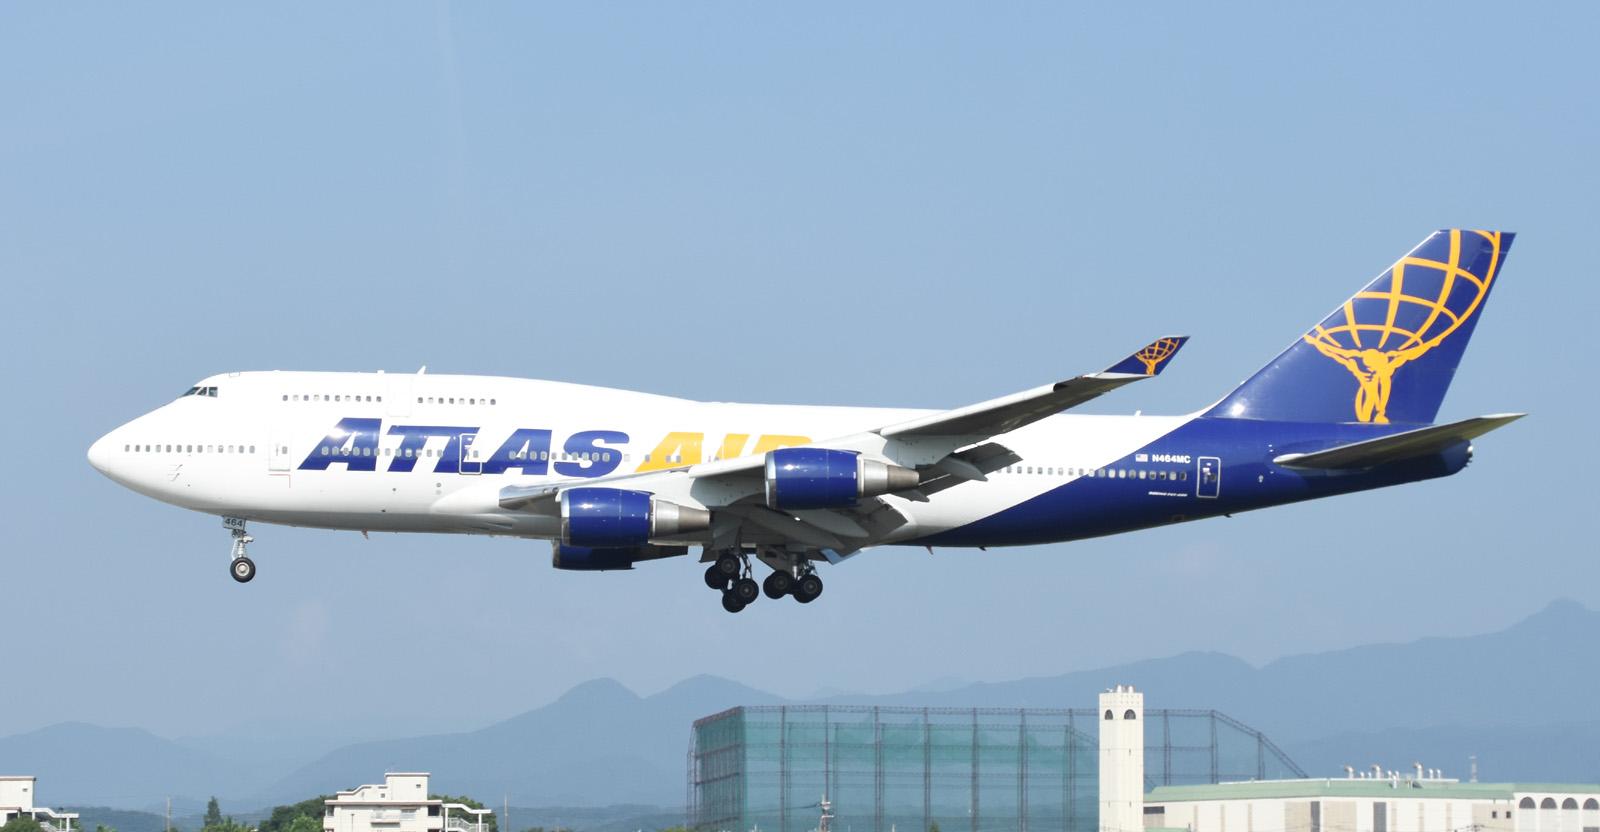 Atlas170623g322